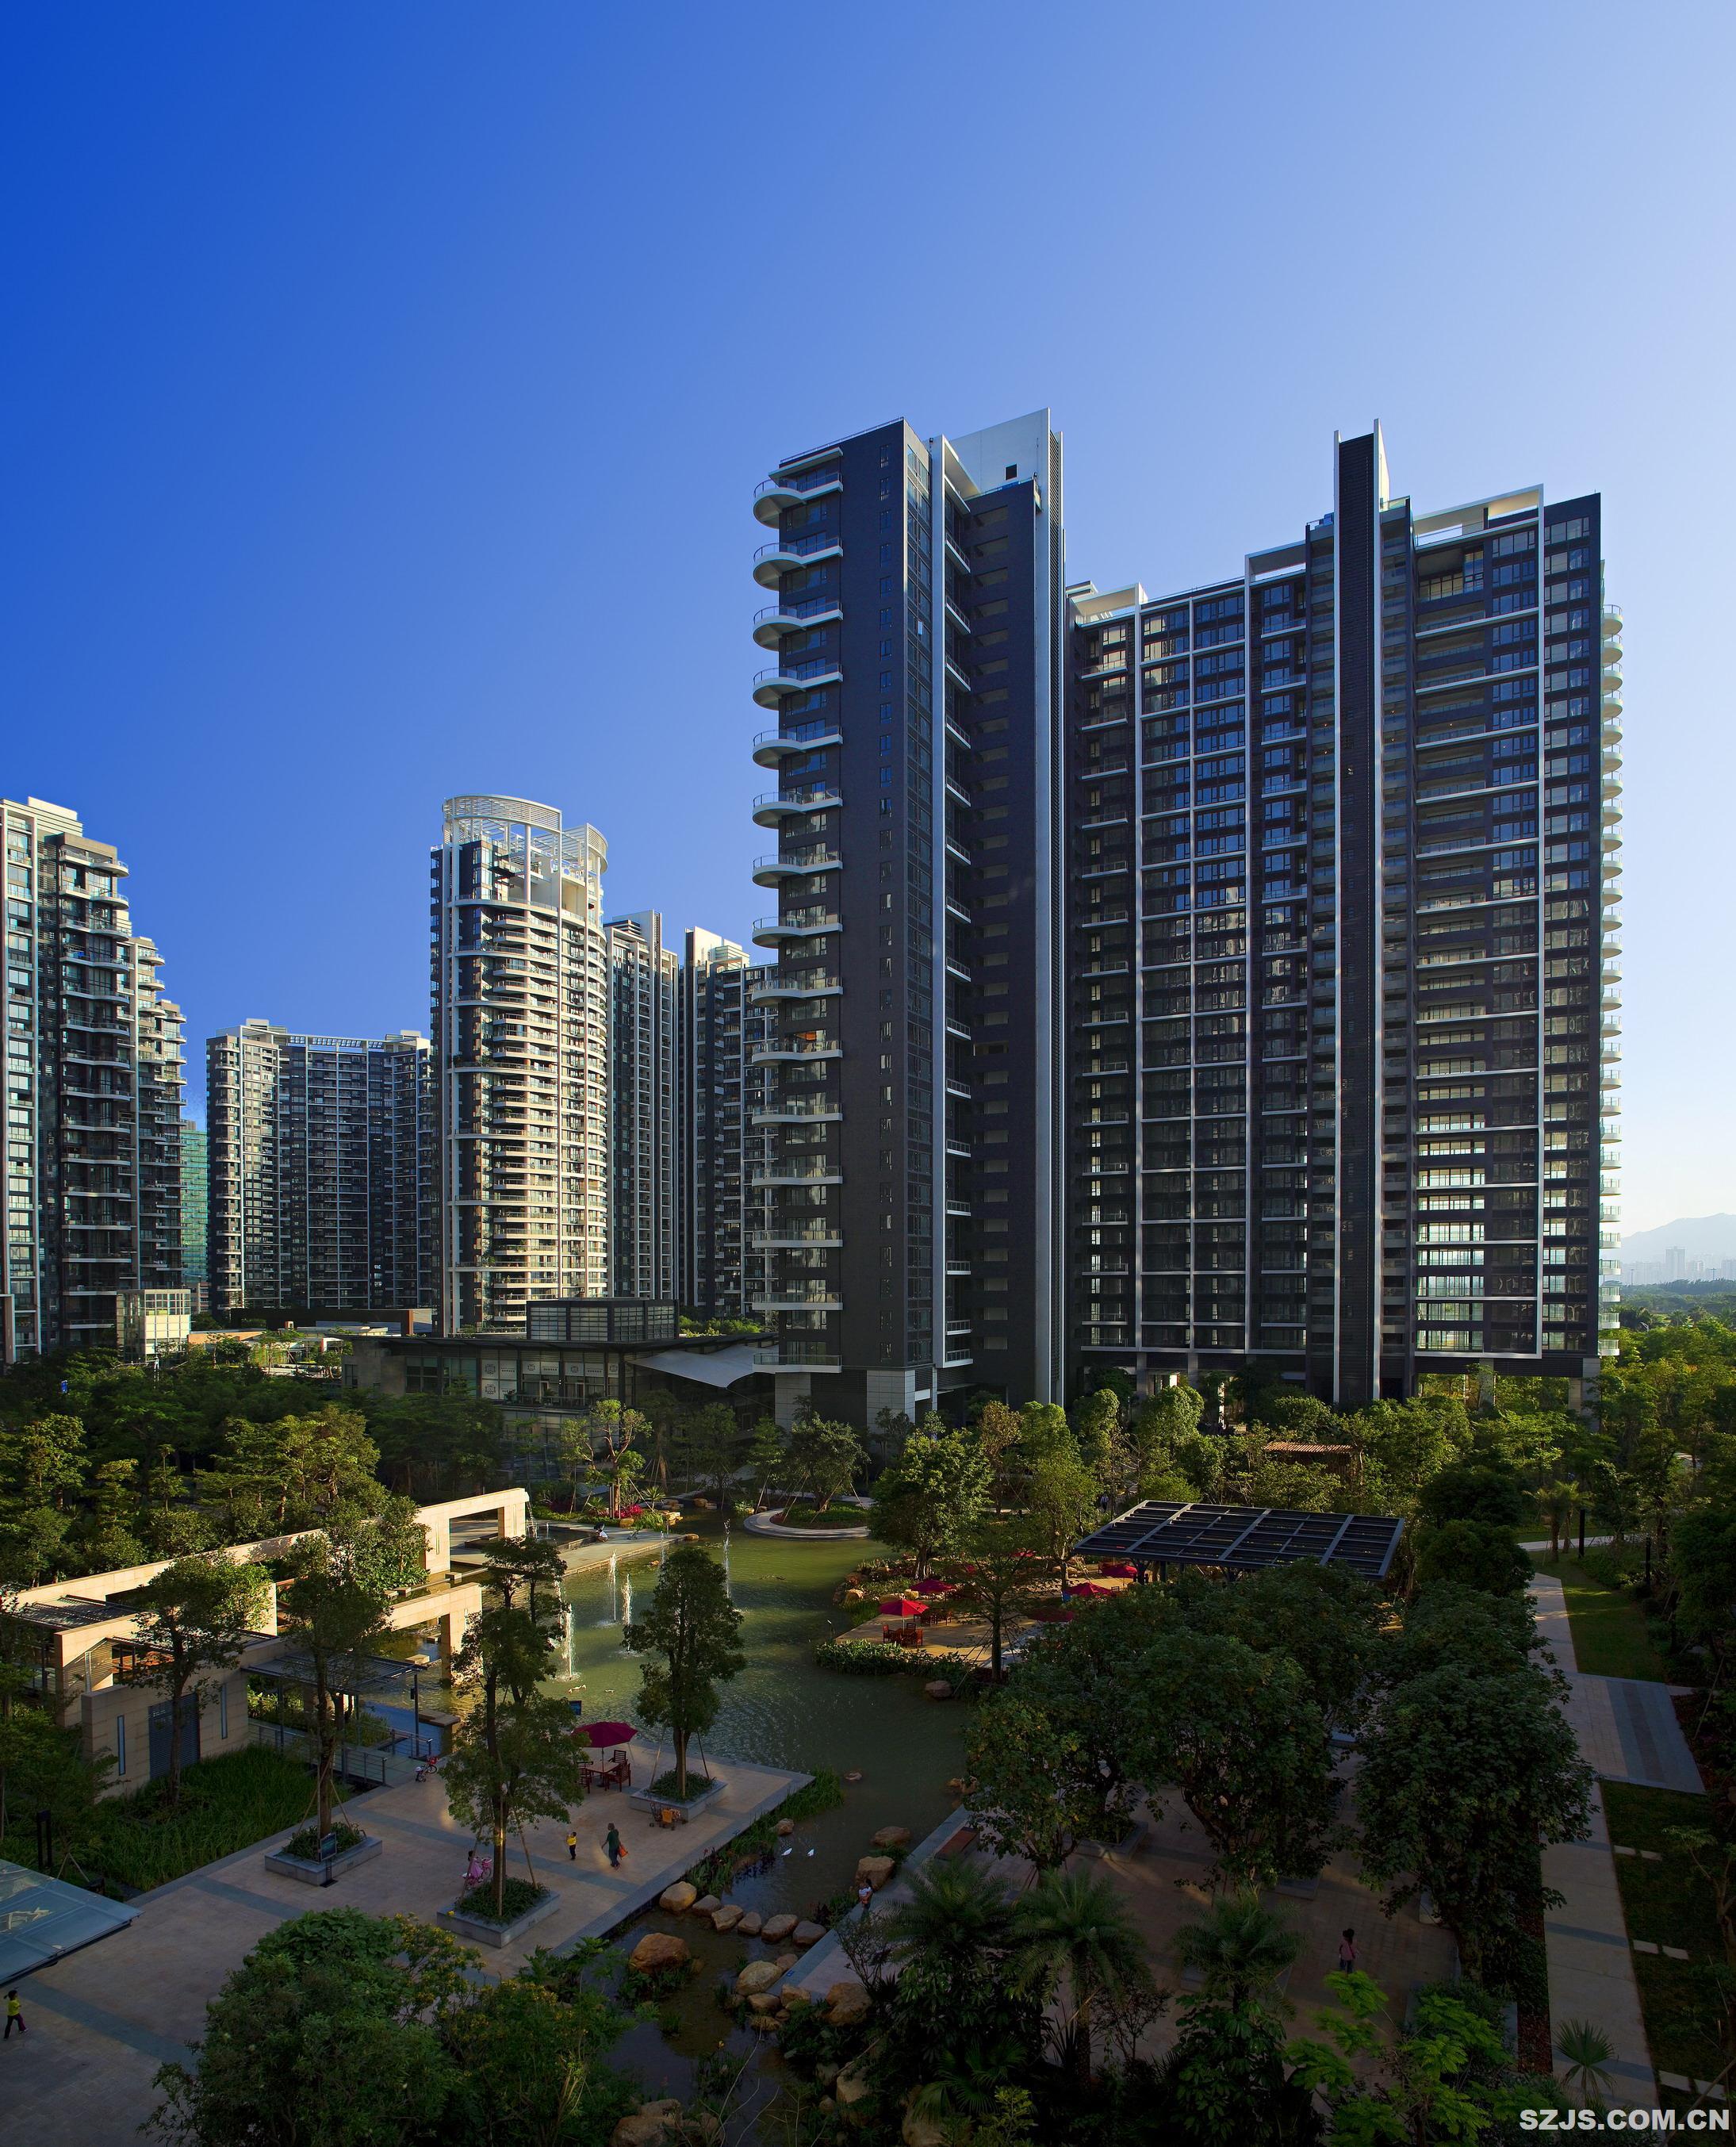 项目背景 短短30年内深圳从一个边陲的渔村发展成为一个拥有180万人口的国际大都市。在这个快速发展的城市里,室外公共与邻里空间被街道代替,人离自然越来越远。该项目旨在现代深圳的高密度公寓居住区找回人与自然的联系,让人们在放松的户外环境里享受邻里般亲密的社区生活,并让这个园林景观彰显岭南自然之美。 主题一,现代的功能,传统的意境 中信红树湾北区从总图上看是一个现代景观。由于居住区对景观交通流线,消防线路的要求很具体,再加上主体建筑空间尺度比较大,总图布局采用了社区公园的设计理念对空间进行了有序的组织。在规划